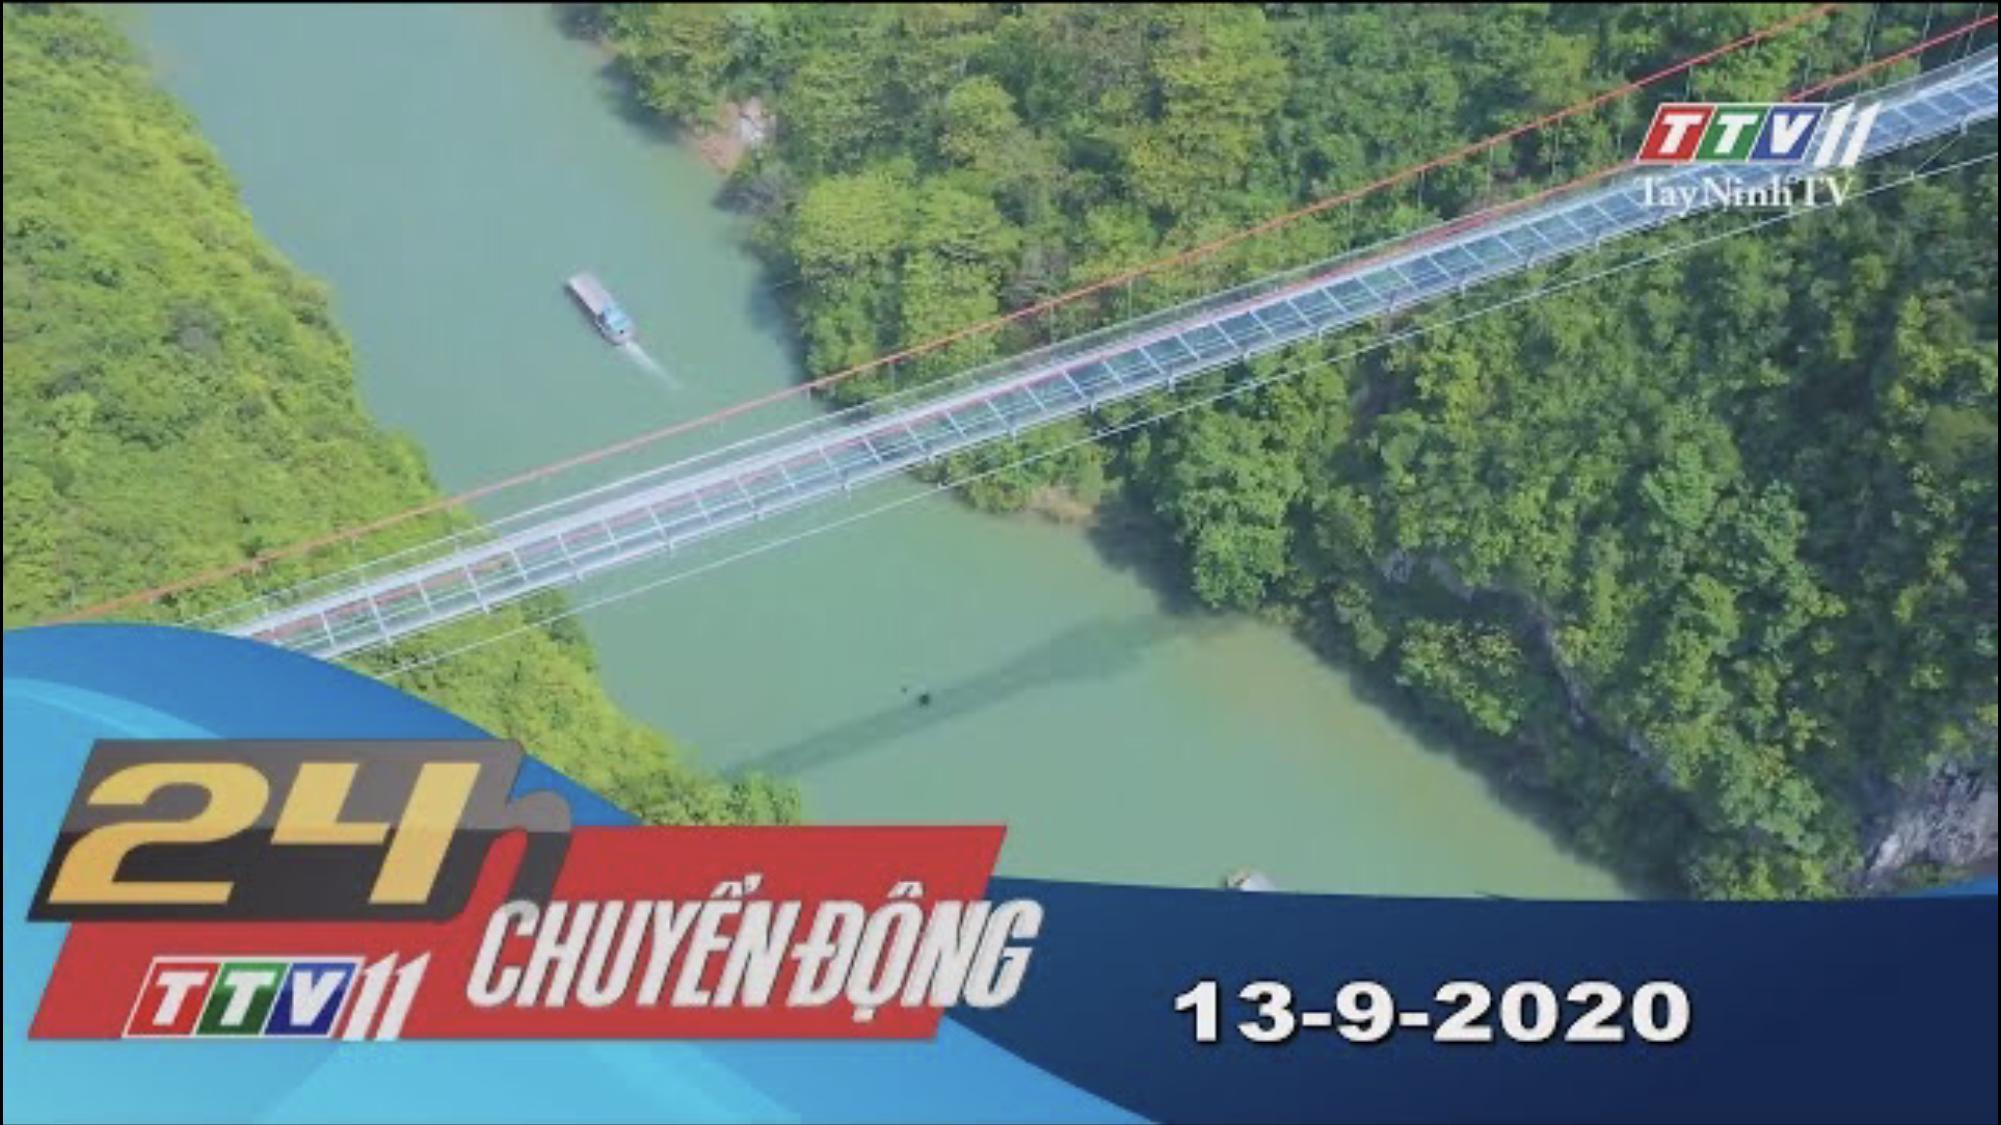 24h Chuyển động 13-9-2020 | Tin tức hôm nay | TayNinhTV